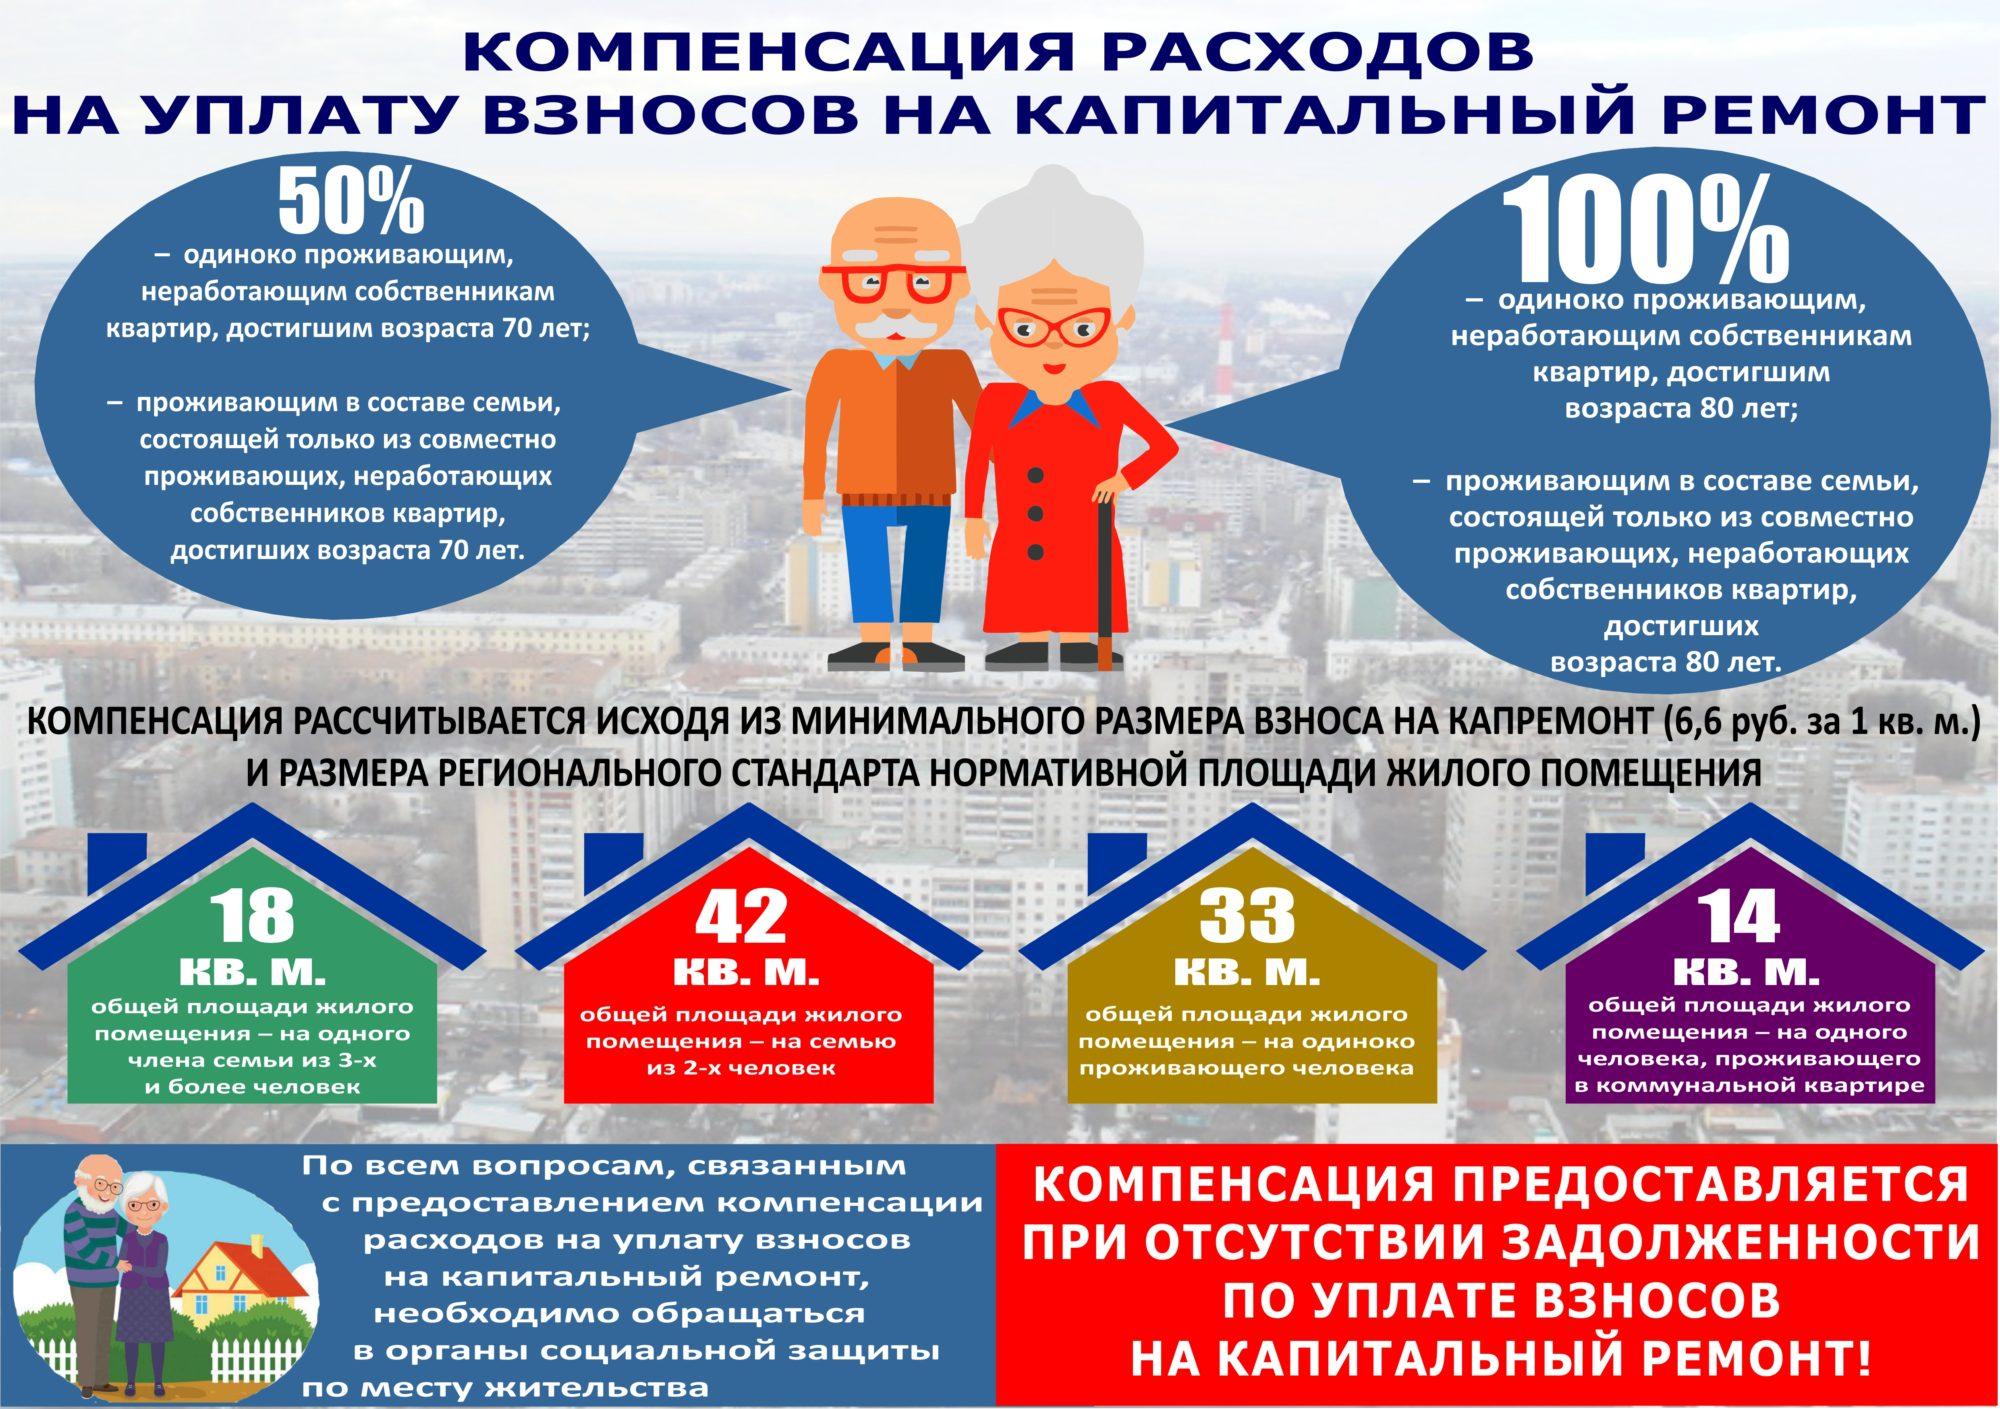 Сколько стоит снять запрет на въезд в рф в городе курск